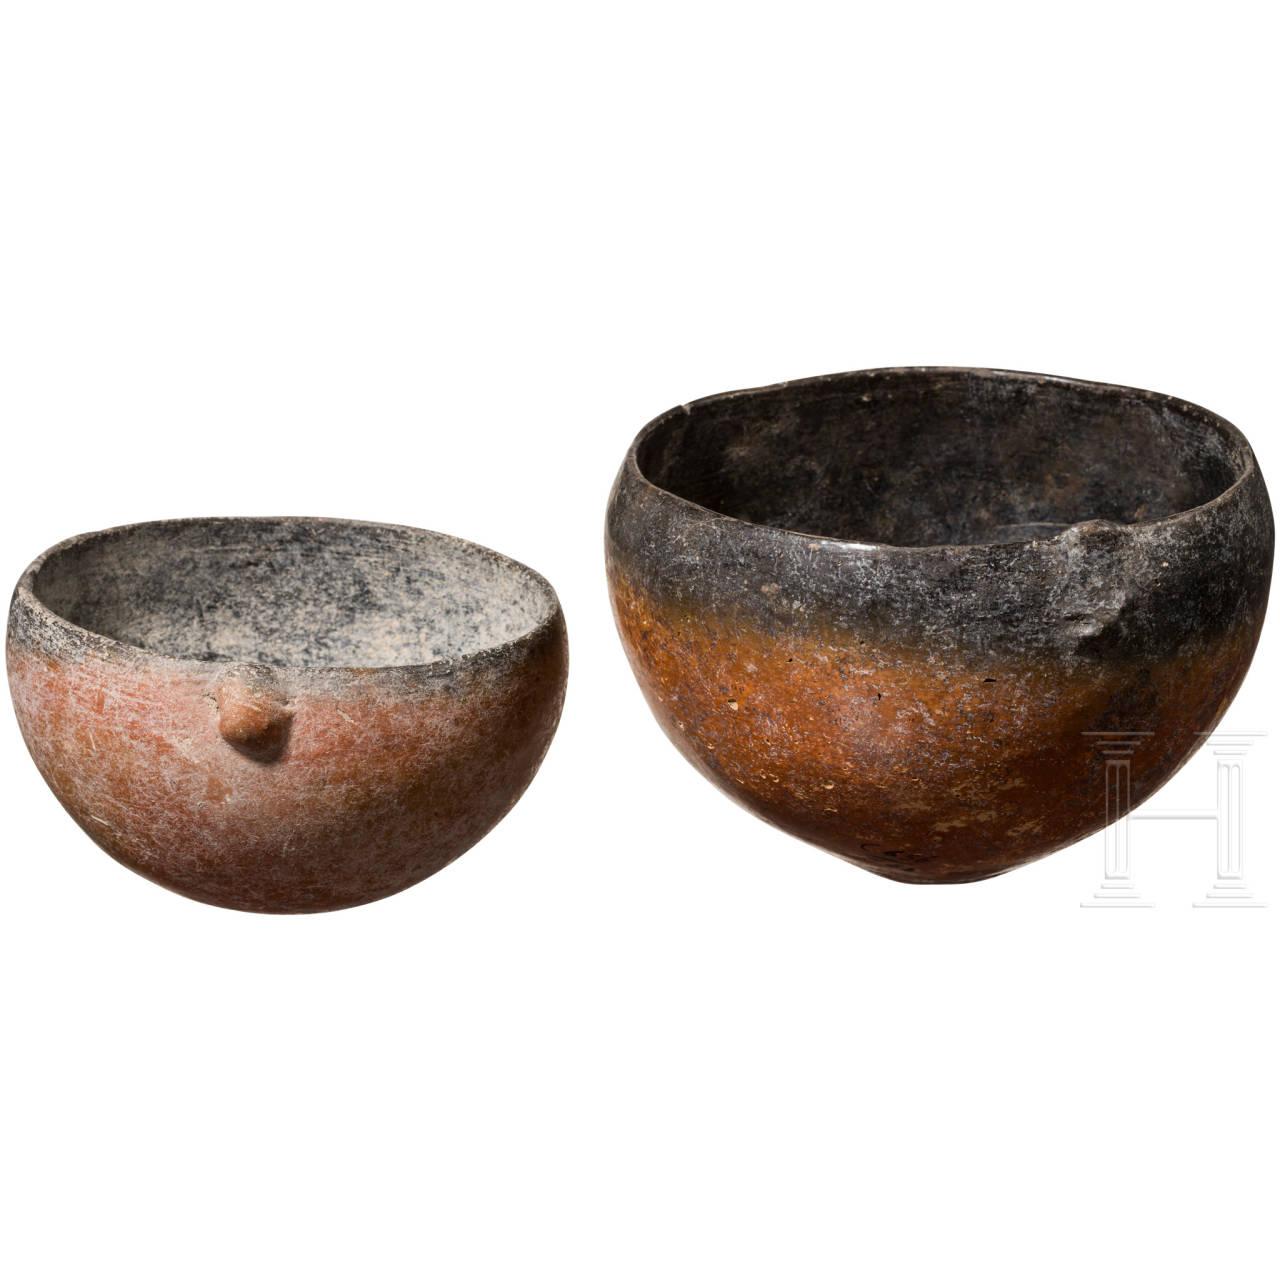 Zwei halbkugelige Schalen, Zypern, 2075 - 1725 v. Chr.